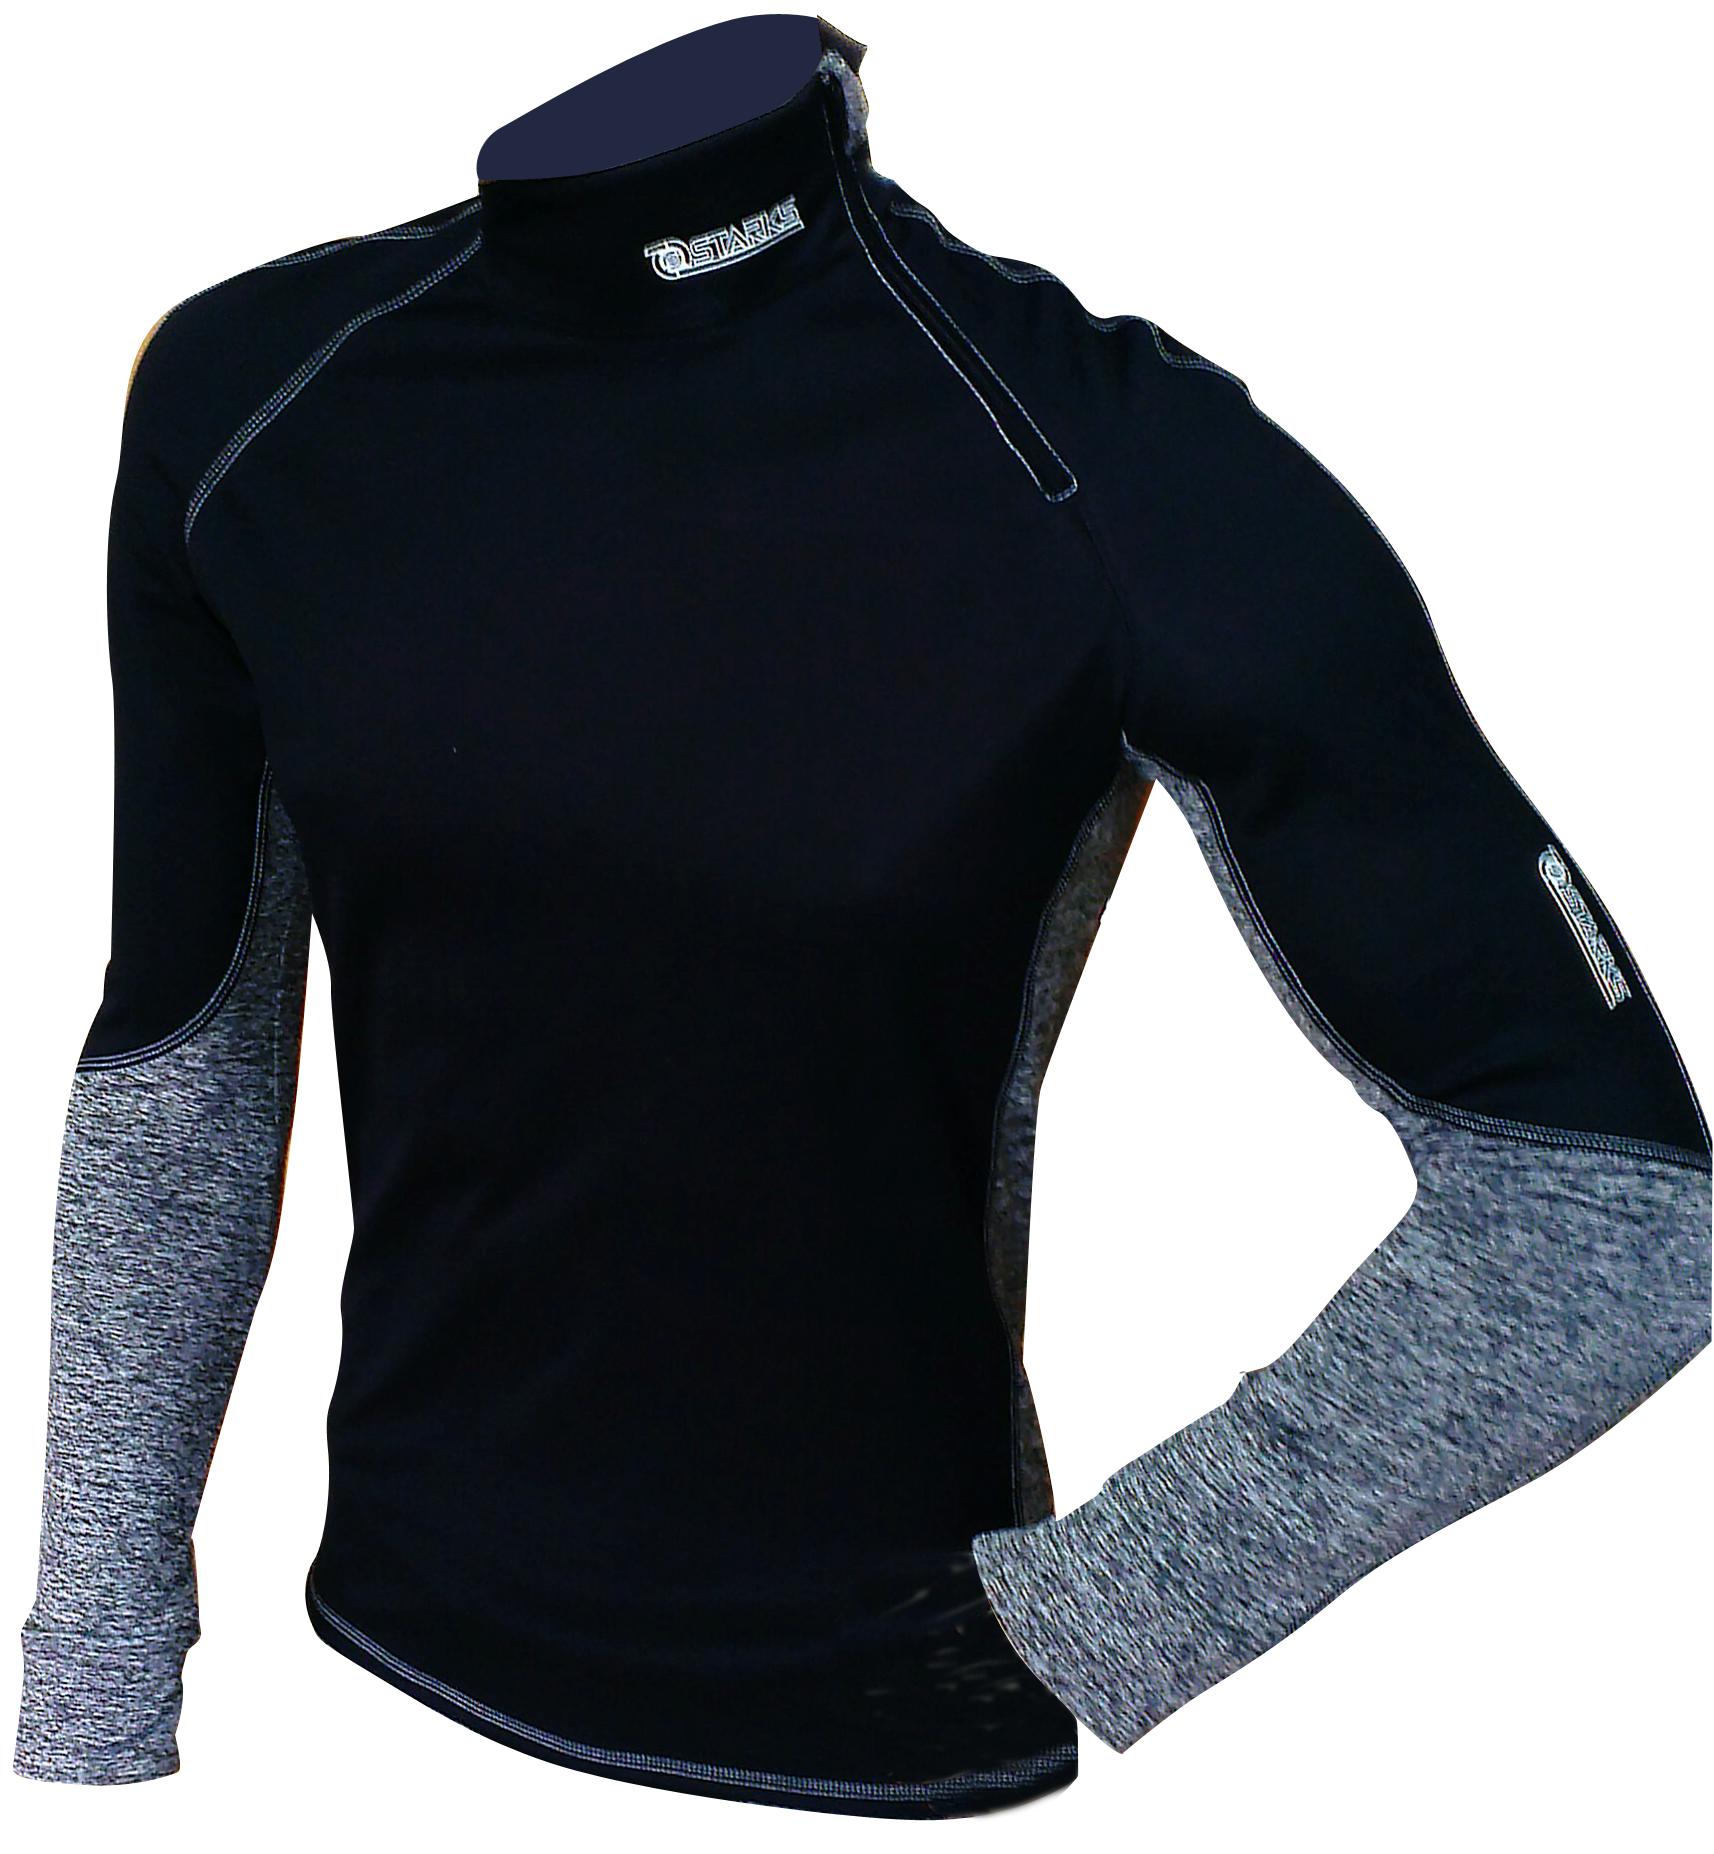 Термобелье кофта Starks Warm Extreme, зимняя, цвет: черный. Размер LPANTERA SPX-2RSвысокотехнологичное термобелье, гарантированно на 100% не пропускает ветер, хорошо тянется и выпускает влагу наружу.Белье рекомендуется для использования не только спортсменам зимних видов спорта, но и парашютистам, мотоциклистам, велосипедистам -всем кто испытывает дискомфорт при сильном ветре, повышенной влажности.Анатомическое, выполнено из Европейской сертифицированной ткани Polarstretchи Windstopper. Высокие эластичные свойства материала позволяют белью максимально повторять индивидуальную анатомию тела. Отличные влагоотводящие свойства, позволяют телу оставаться сухим. Термоизоляционные свойства, позволяют исключить переохлаждение или перегрев. Воротник стойка обеспечивает защиту шеи от холода. Молния -легкое одевание кофты.Особенности:STOP BACTERIA-Ткань с ионами серебра, предотвращает образование и развитие бактерий. Исключено образование запаха.Защита от перегрева или переохлажденияСистема мягких и плоских швовГипоаллергенноСостав: 92%-полиэстер, 8%-эластан